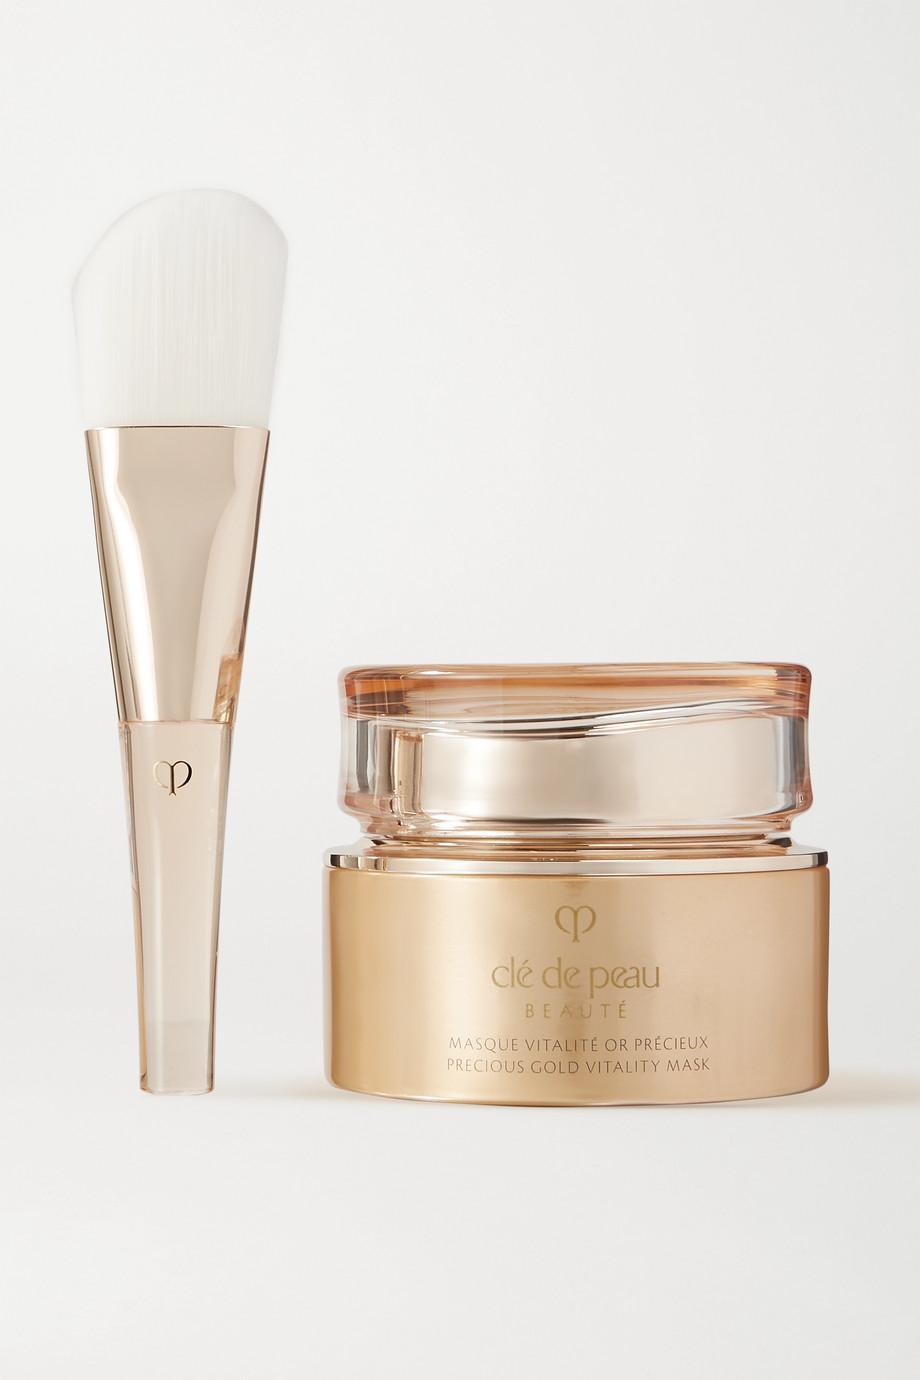 Clé de Peau Beauté Precious Gold Vitality Mask, 75ml